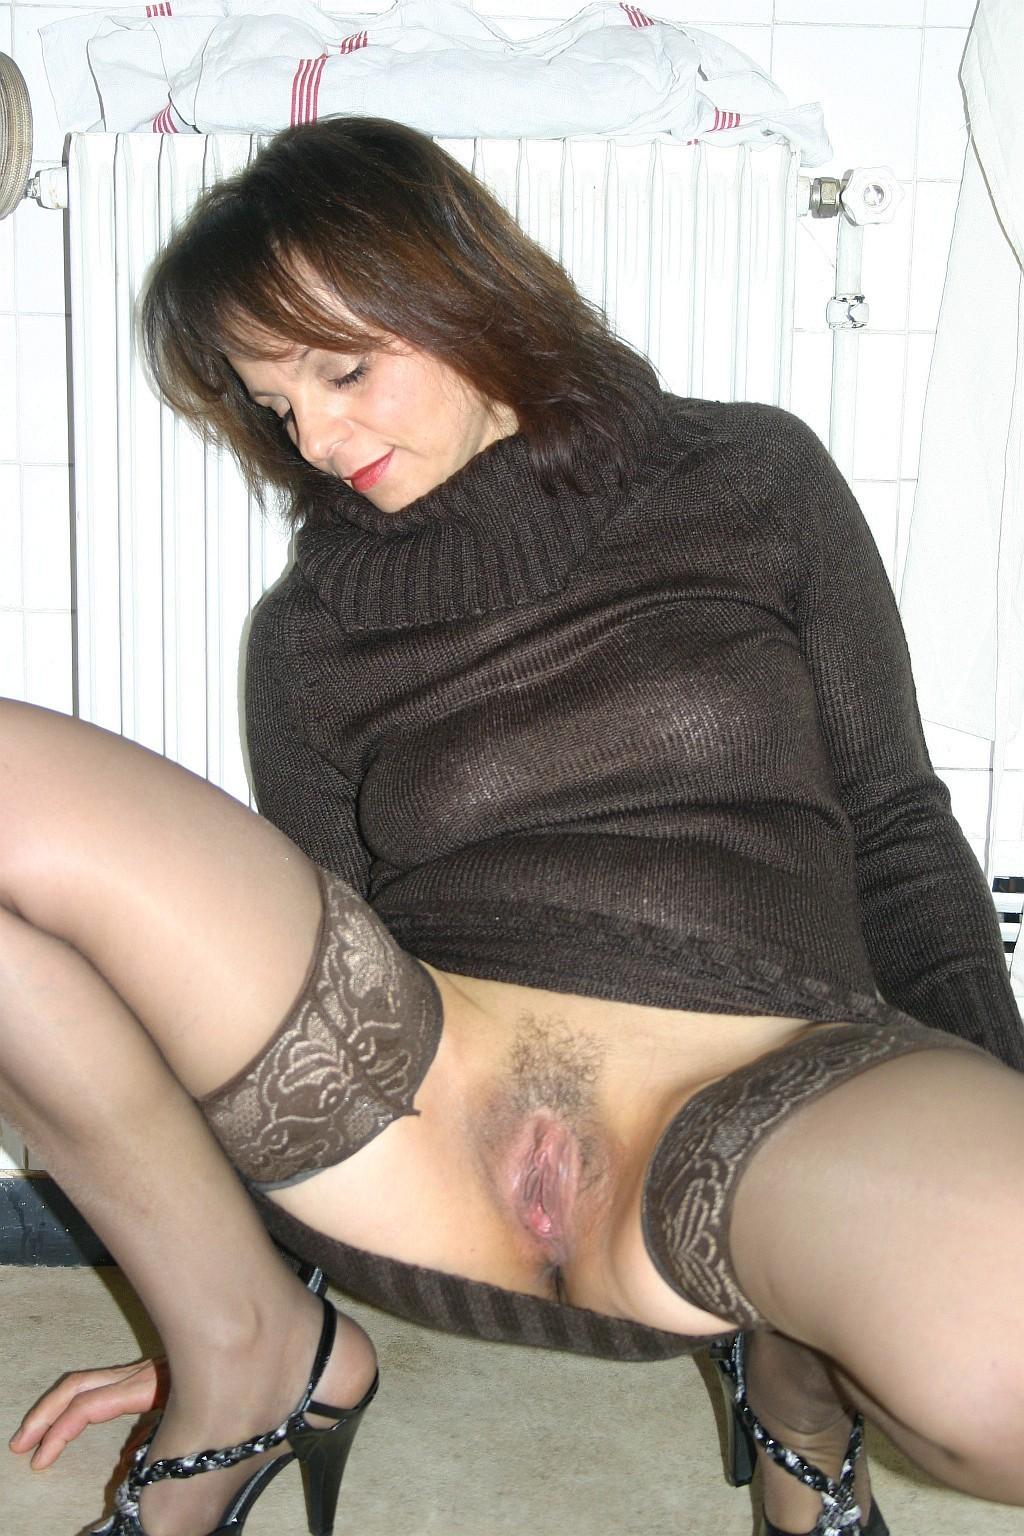 апскирт русских жен порно фото галереи вышла воды